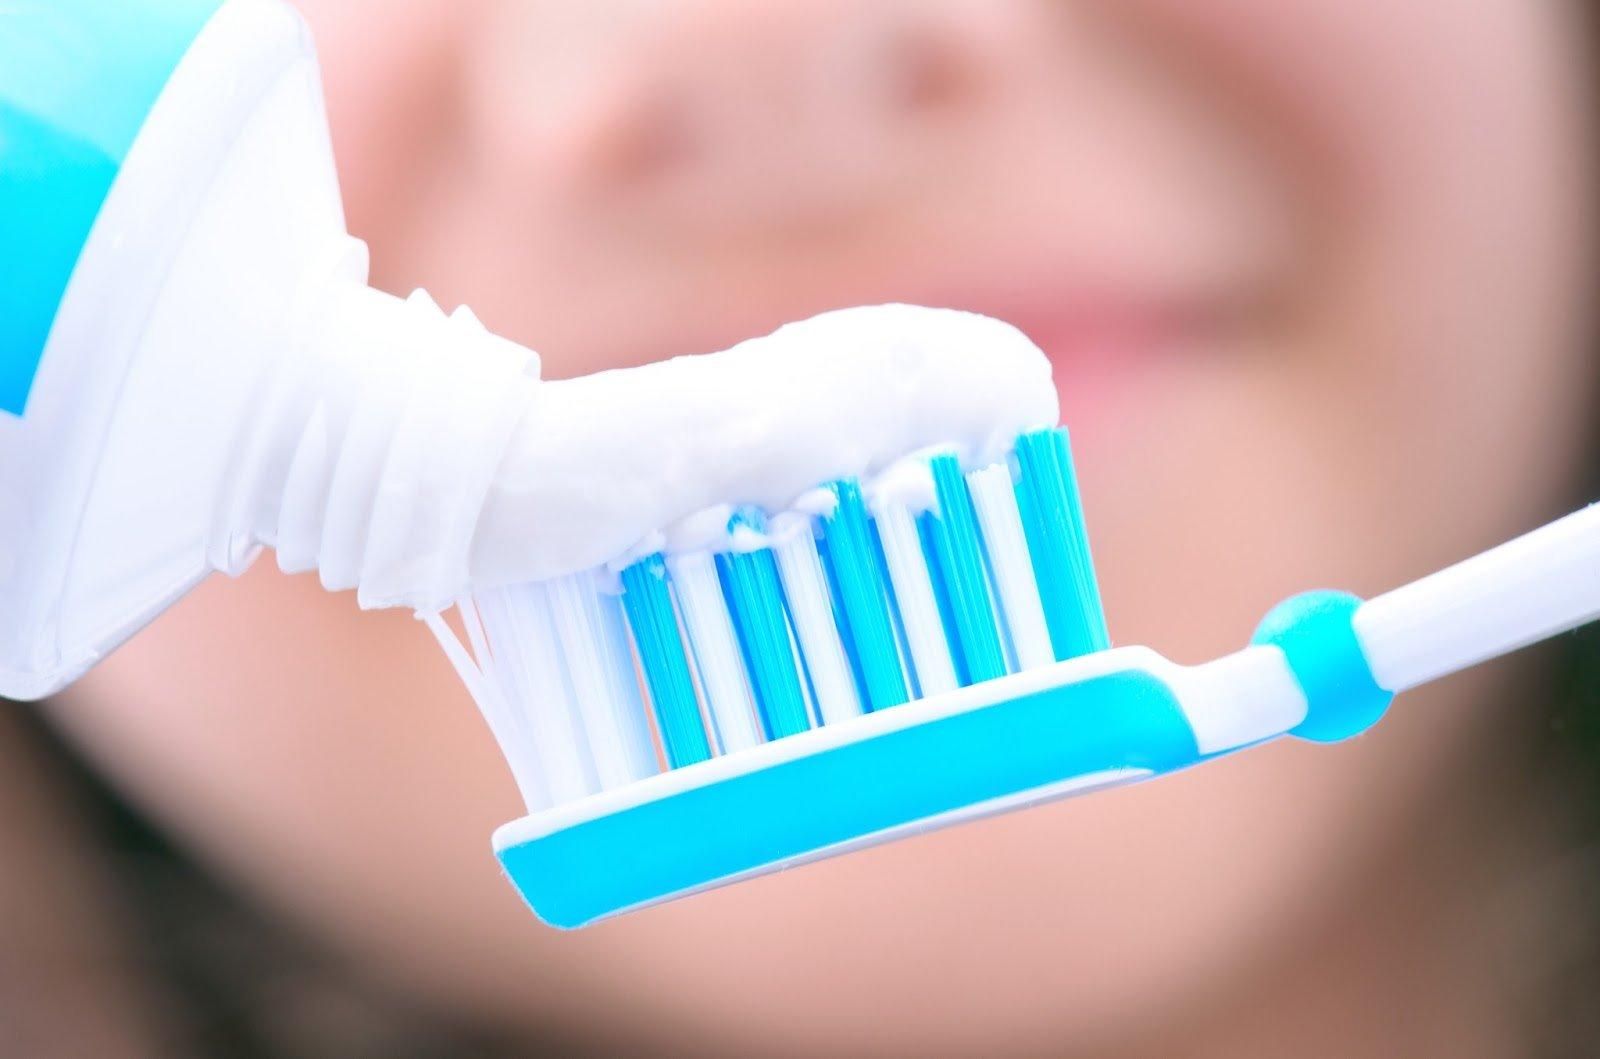 Não é preciso encher a escova de creme dental para limpar bem os dentes | Foto: Reprodução